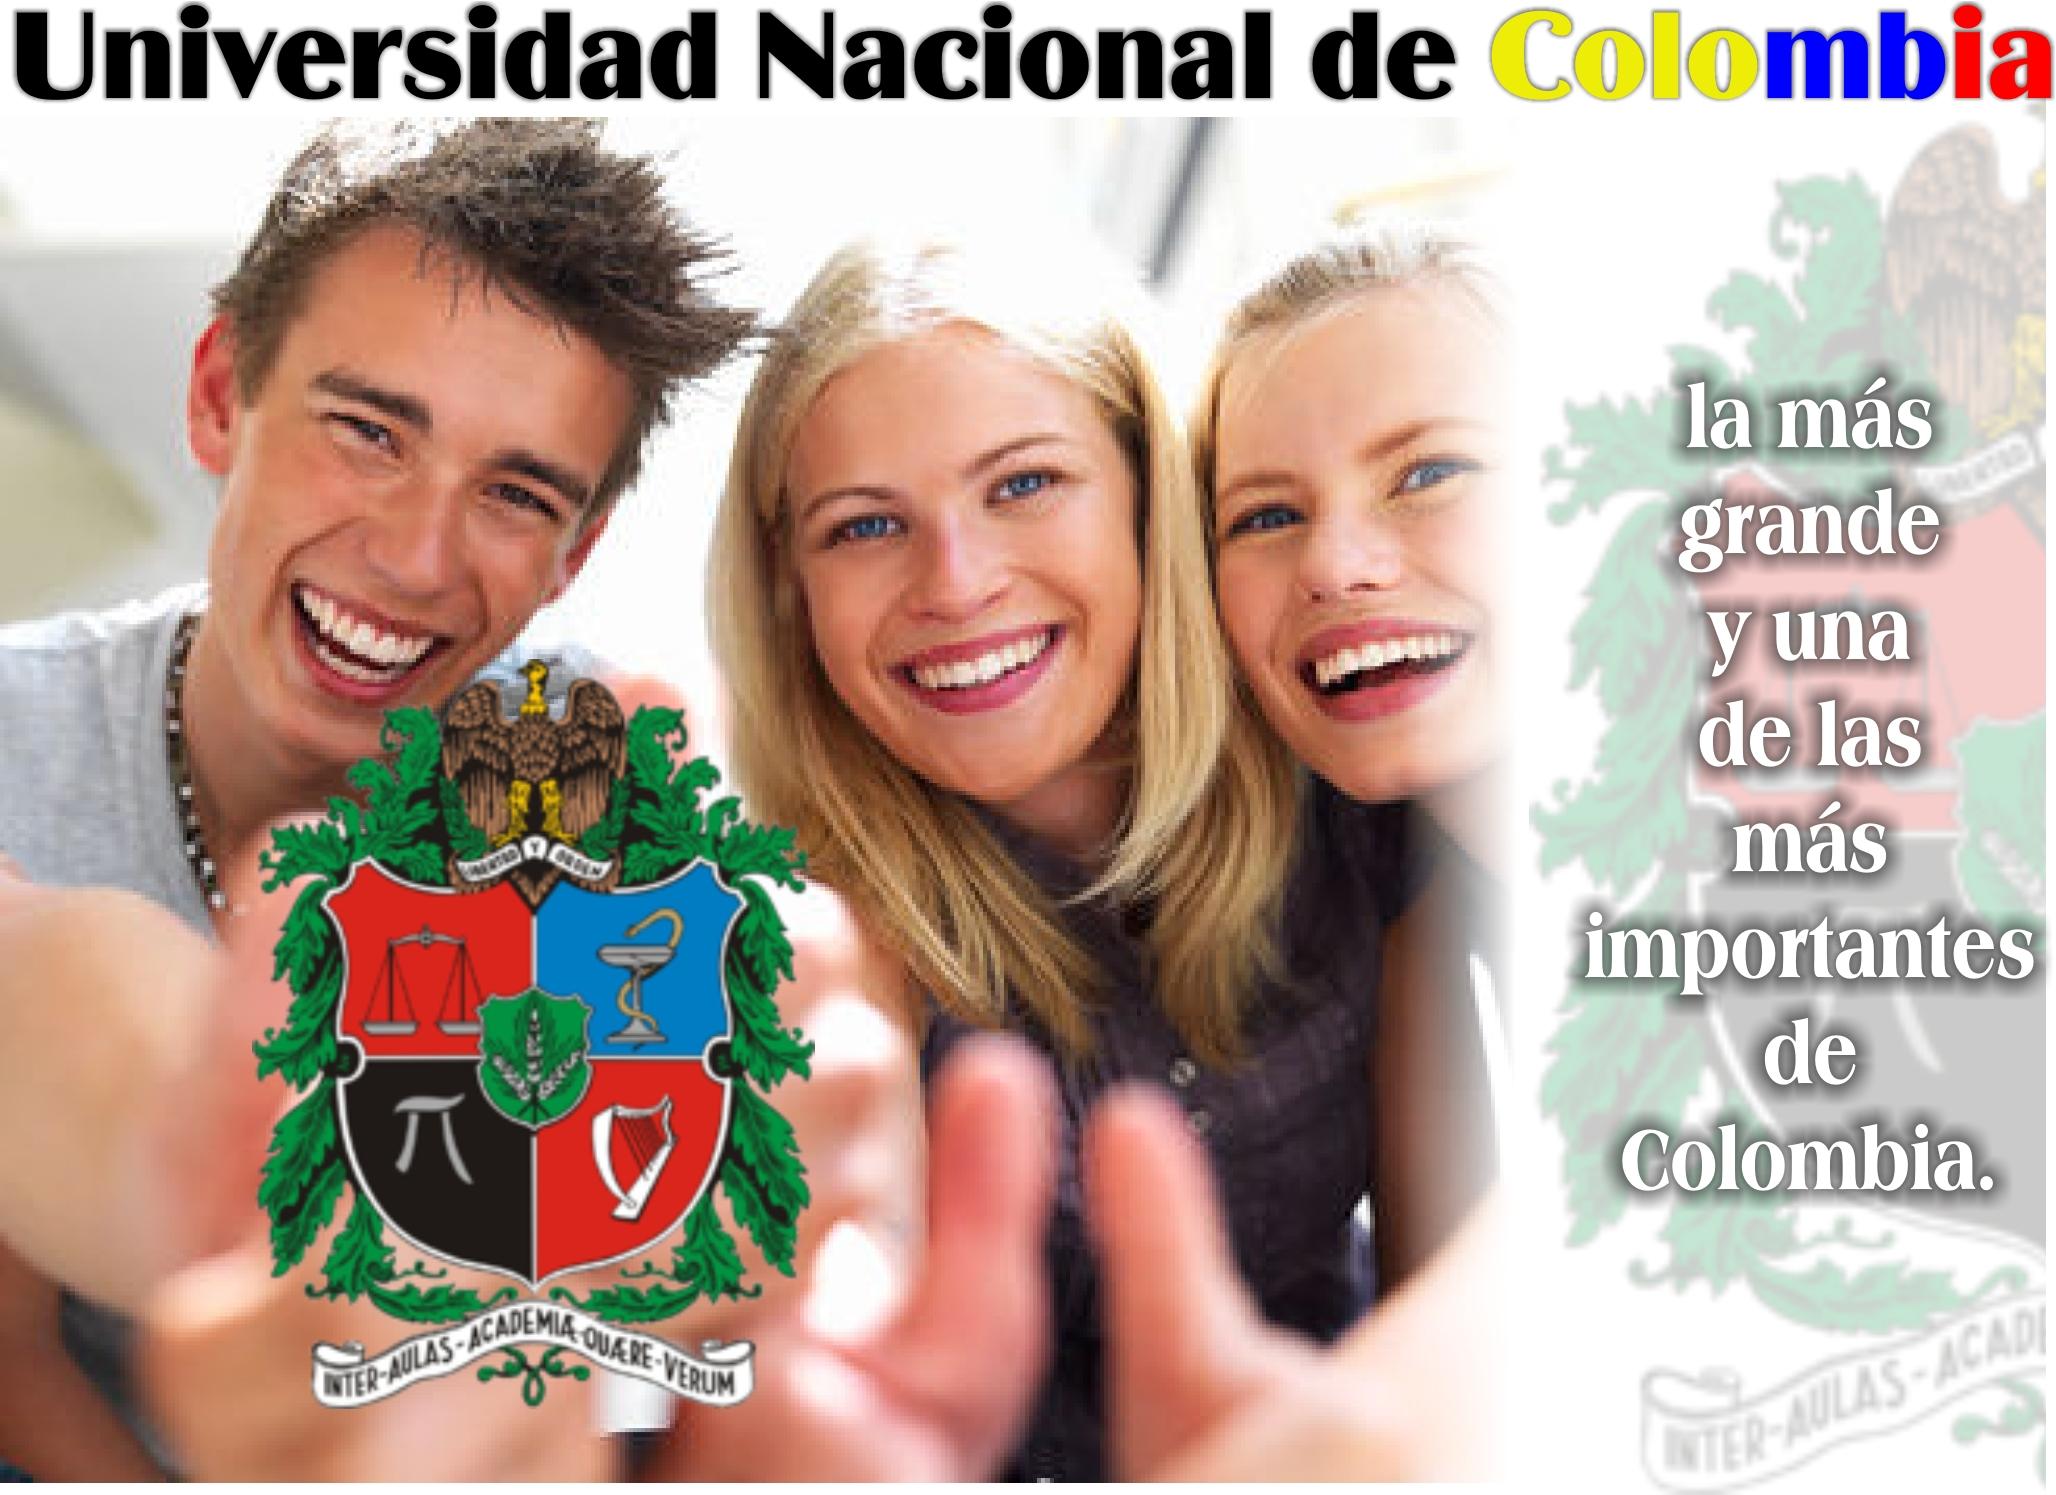 Universidad Nacional de Colombia, la más grande y una de las más importantes de Colombia.